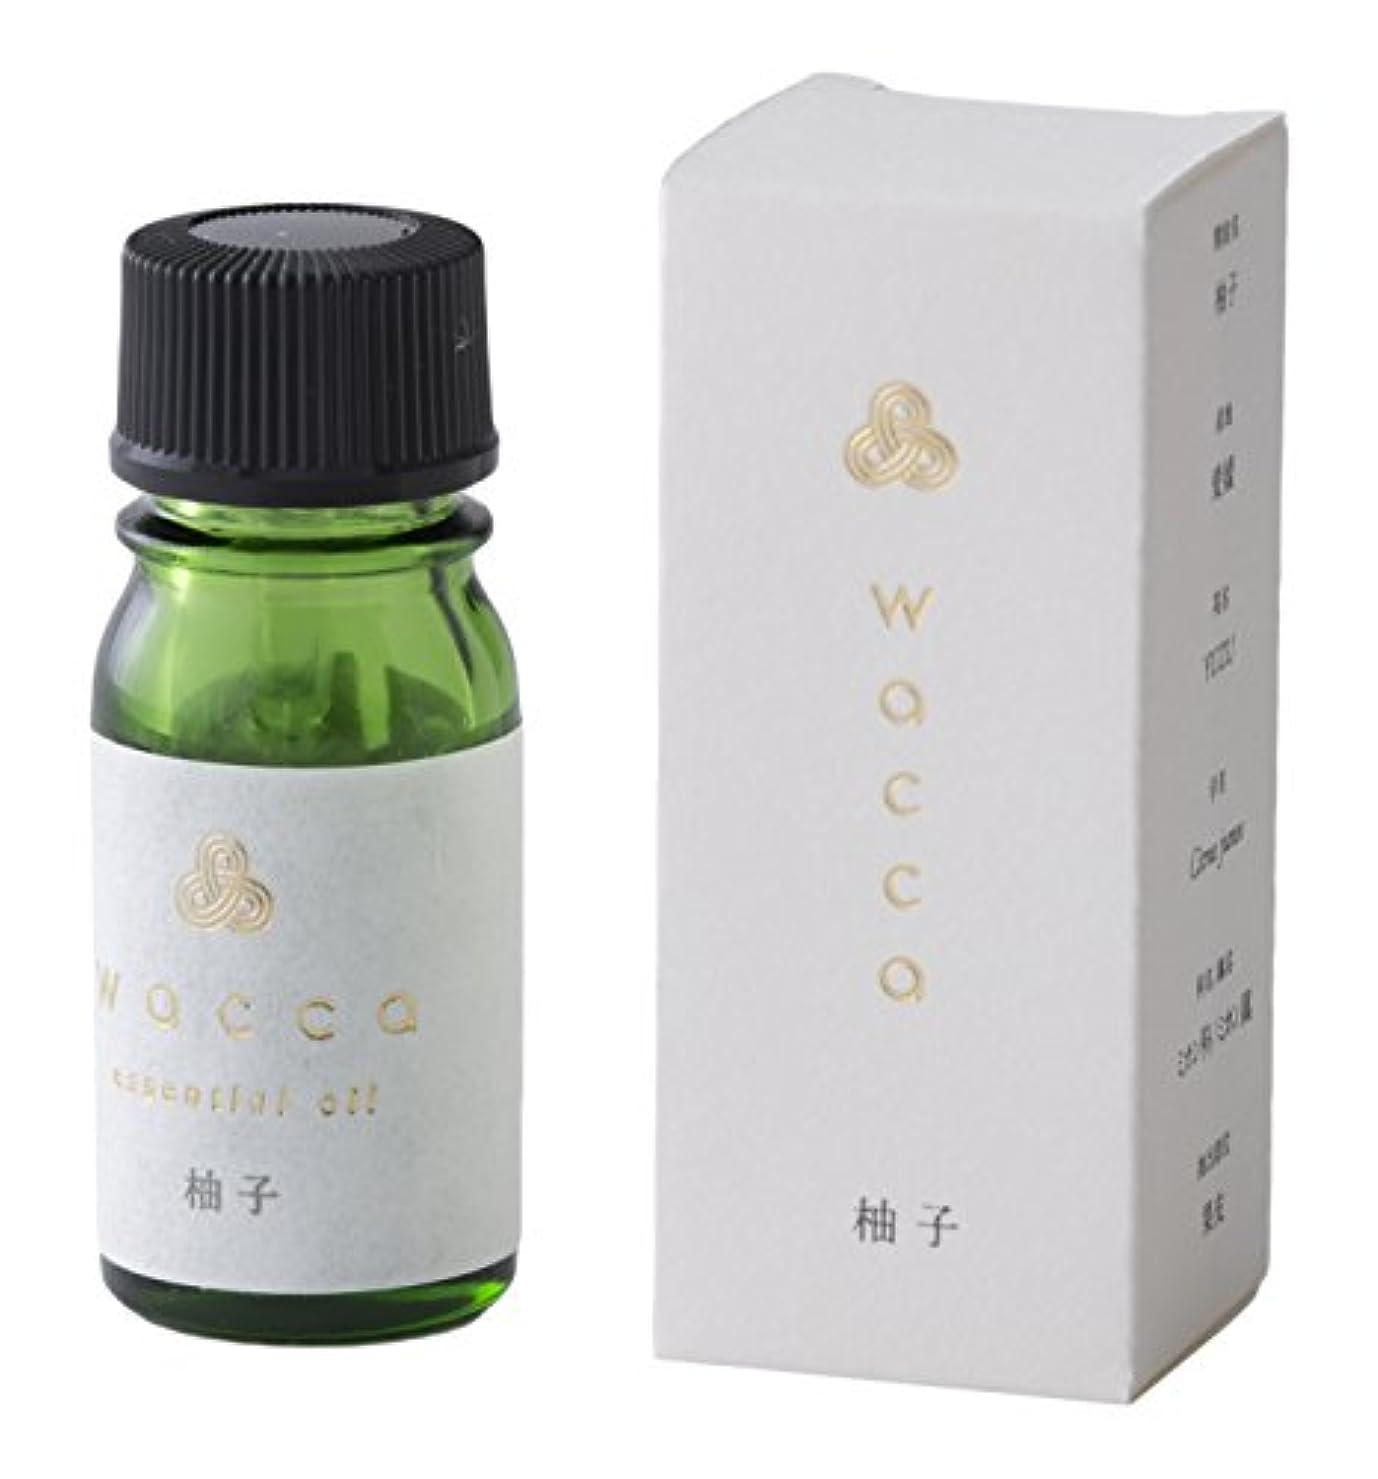 味わう上下するユニークなwacca ワッカ エッセンシャルオイル 5ml 柚子 ユズ yuzu essential oil 和精油 KUSU HANDMADE